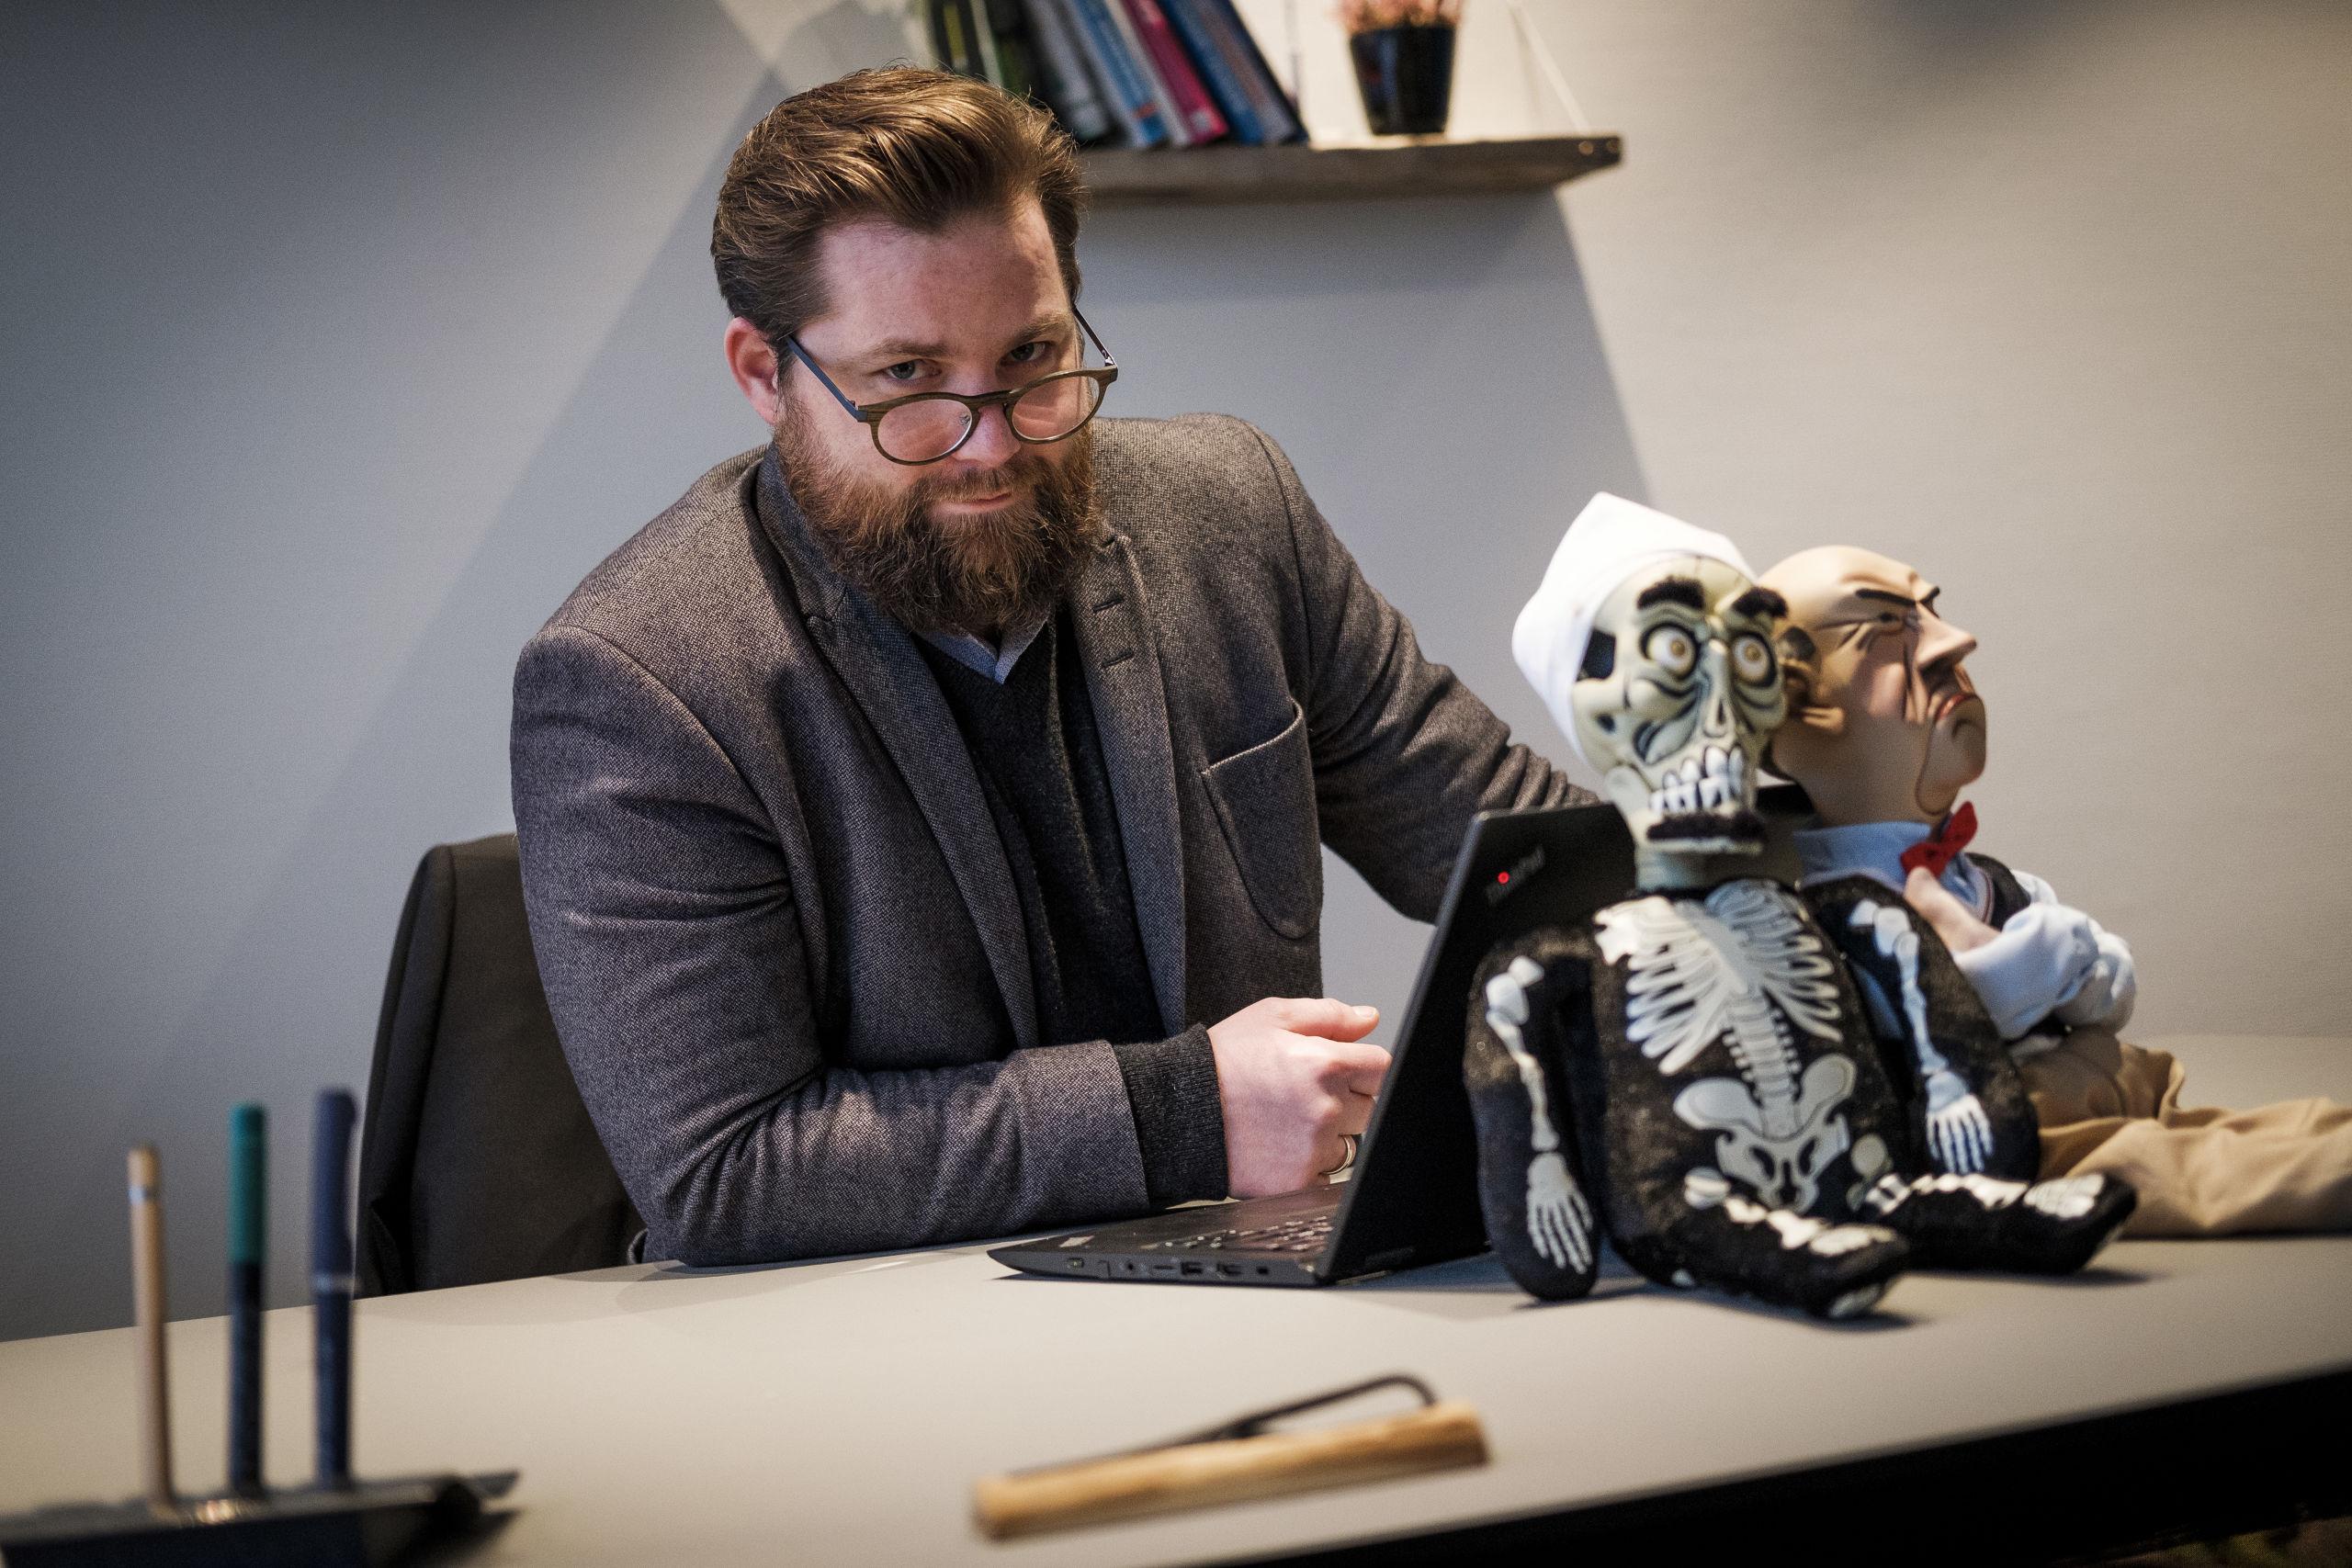 Nicolaj Holm har allerede trukket store navne til byen, og han har planer om at gøre det endnu større i fremtiden. Foto: Lasse Sand